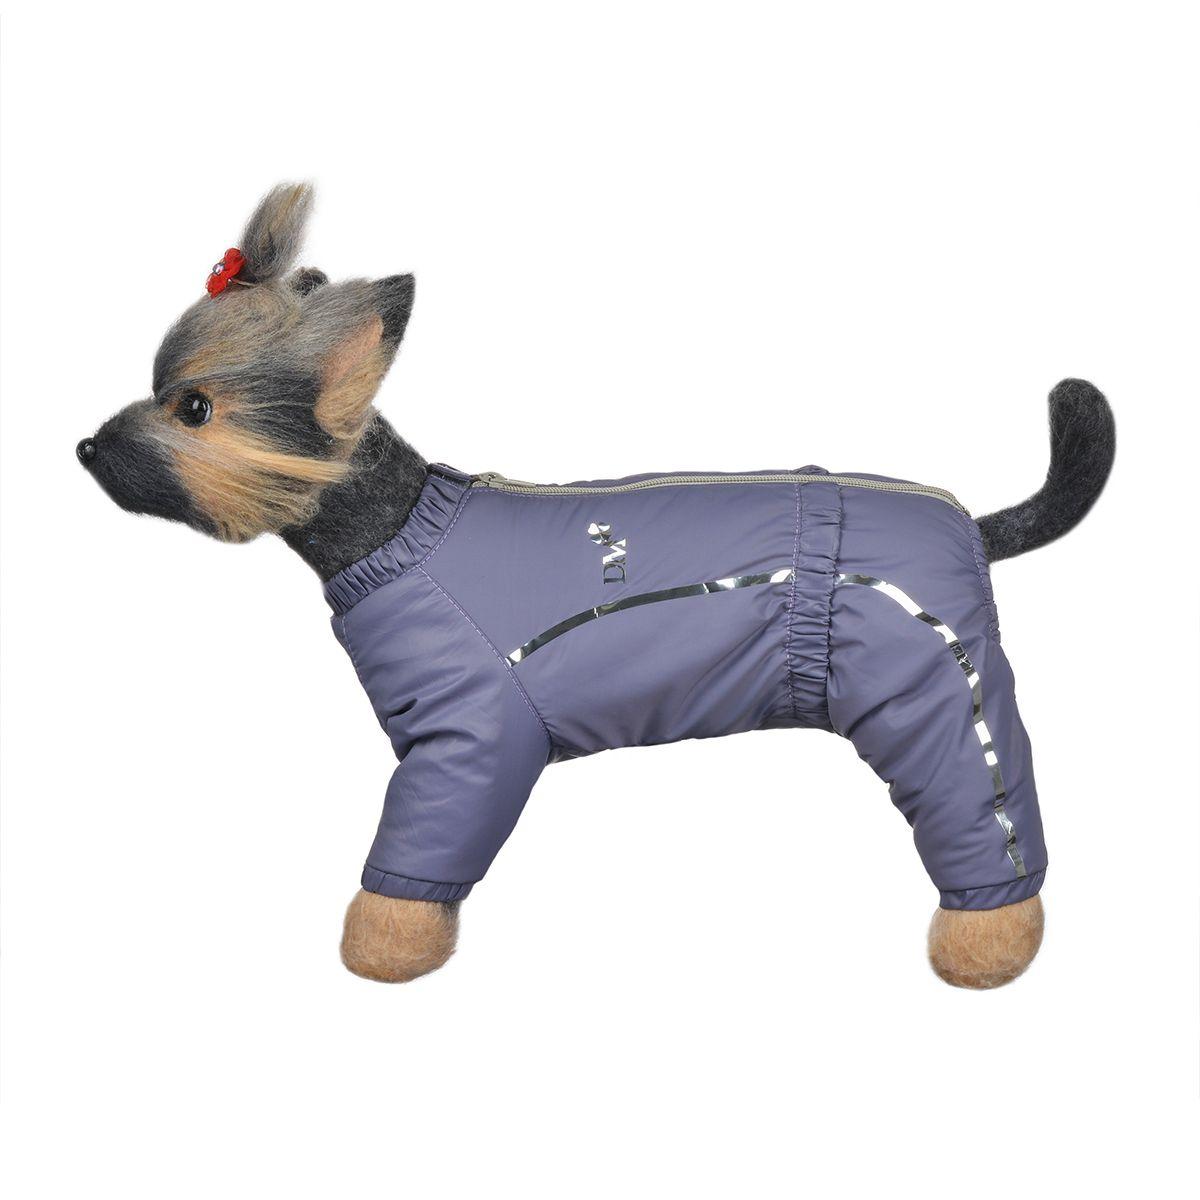 Комбинезон для собак Dogmoda Альпы, зимний, для девочки, цвет: фиолетовый, серый. Размер 2 (M)DM-150350-2Зимний комбинезон для собак Dogmoda Альпы отлично подойдет для прогулок в зимнее время года. Комбинезон изготовлен из полиэстера, защищающего от ветра и снега, с утеплителем из синтепона, который сохранит тепло даже в сильные морозы, а на подкладке используется искусственный мех, который обеспечивает отличный воздухообмен. Комбинезон застегивается на молнию и липучку, благодаря чему его легко надевать и снимать. Ворот, низ рукавов и брючин оснащены внутренними резинками, которые мягко обхватывают шею и лапки, не позволяя просачиваться холодному воздуху. На пояснице имеется внутренняя резинка. Изделие декорировано серебристыми полосками и надписью DM.Благодаря такому комбинезону простуда не грозит вашему питомцу и он сможет испытать не сравнимое удовольствие от снежных игр и забав.Одежда для собак: нужна ли она и как её выбрать. Статья OZON Гид